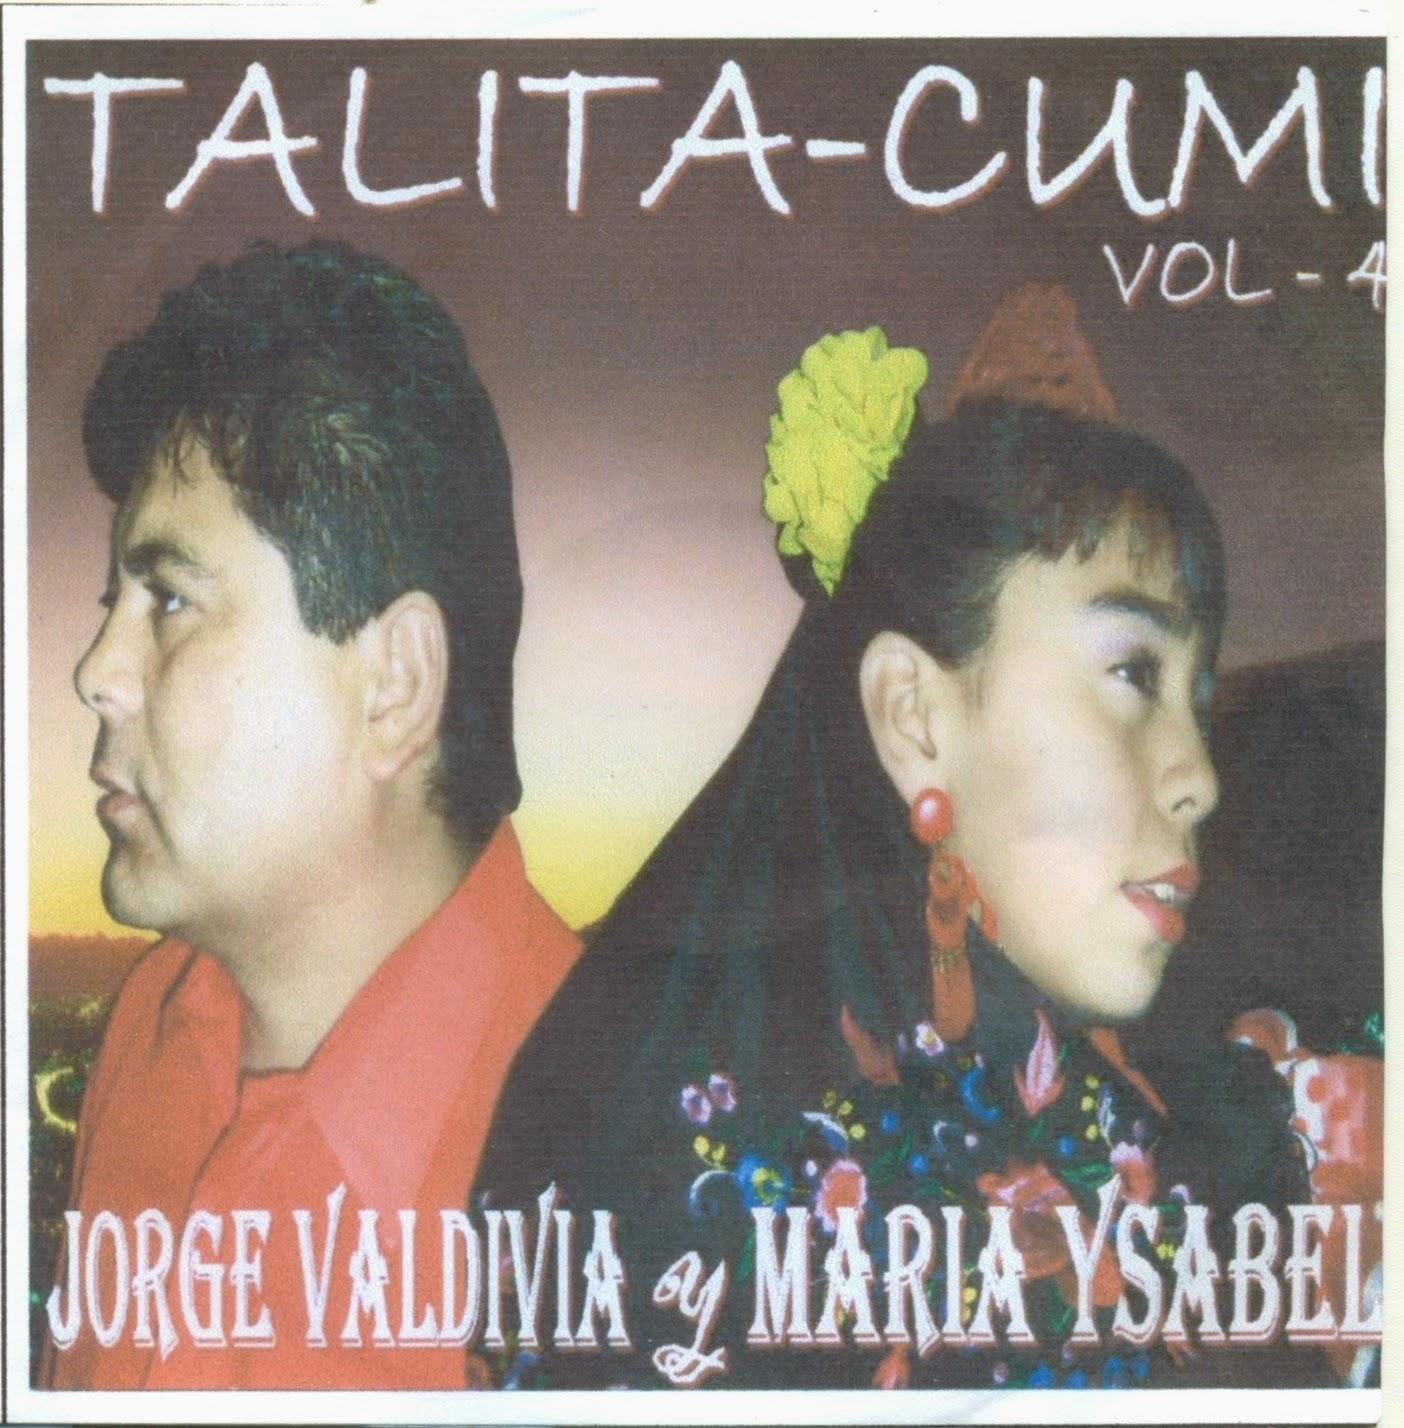 Jorge Valdivia & Maria Ysabel-Vol 4-Talita-Cumi-